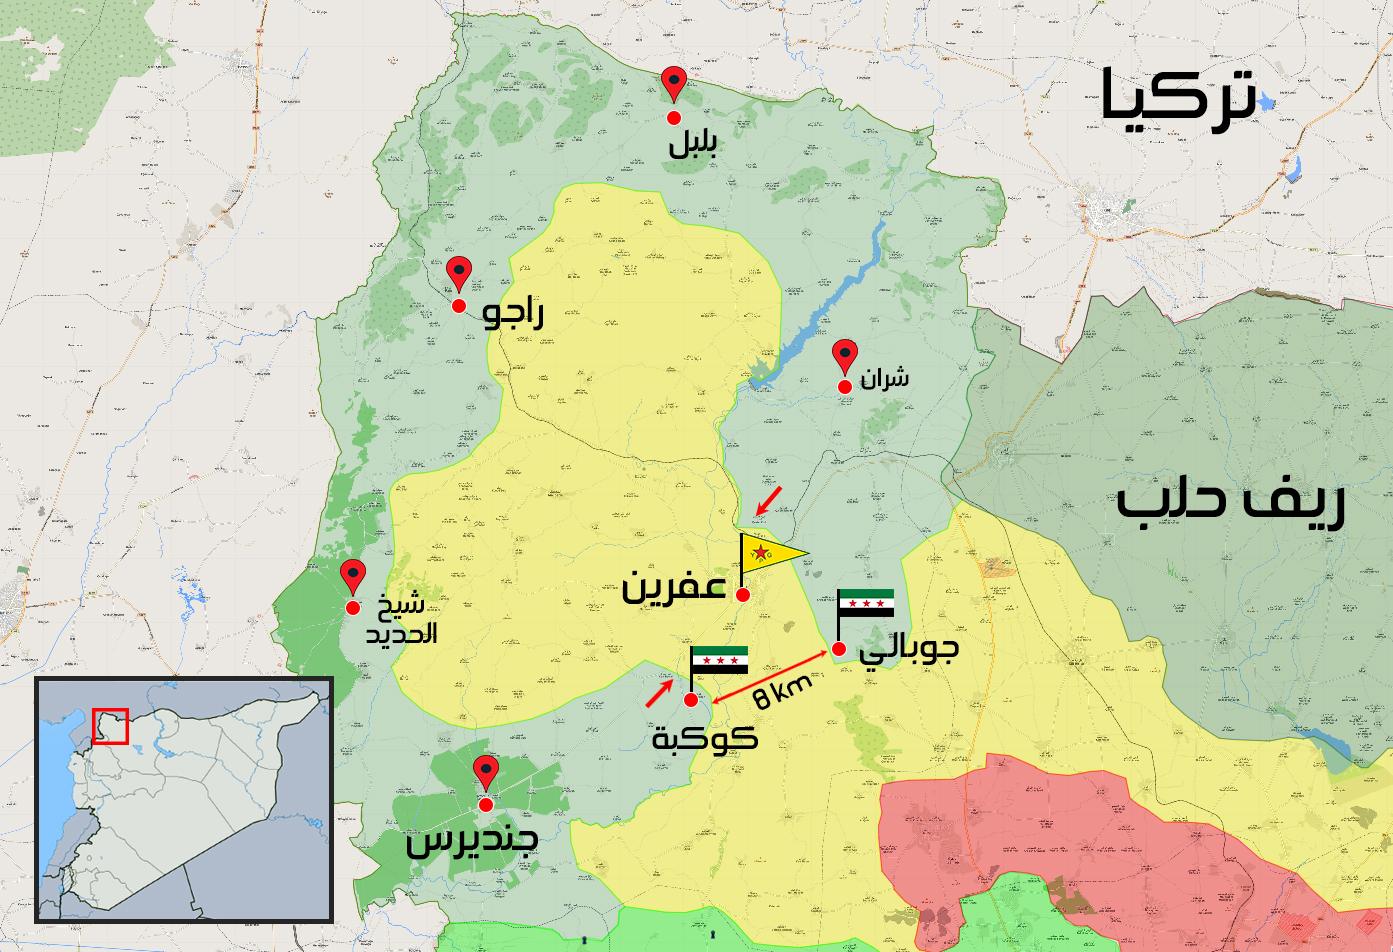 خريطة توضح نفوذ فصائل الجيش السوري الحر في محيط مركز عفرين - 11 آذار 2018 (عنب بلدي)